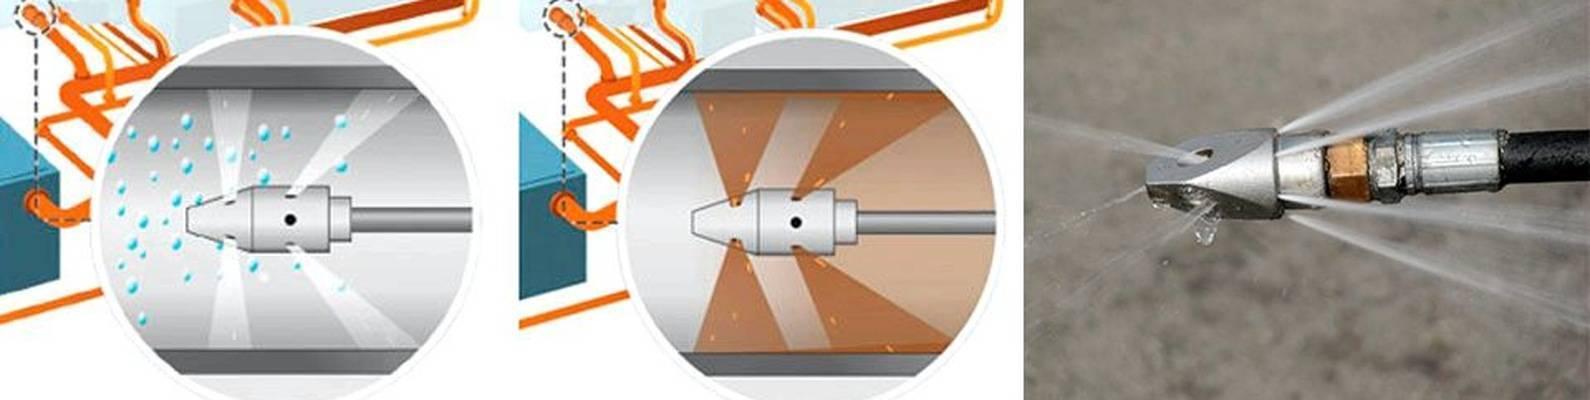 Прочистка канализации гидродинамическим способом - всё о сантехнике